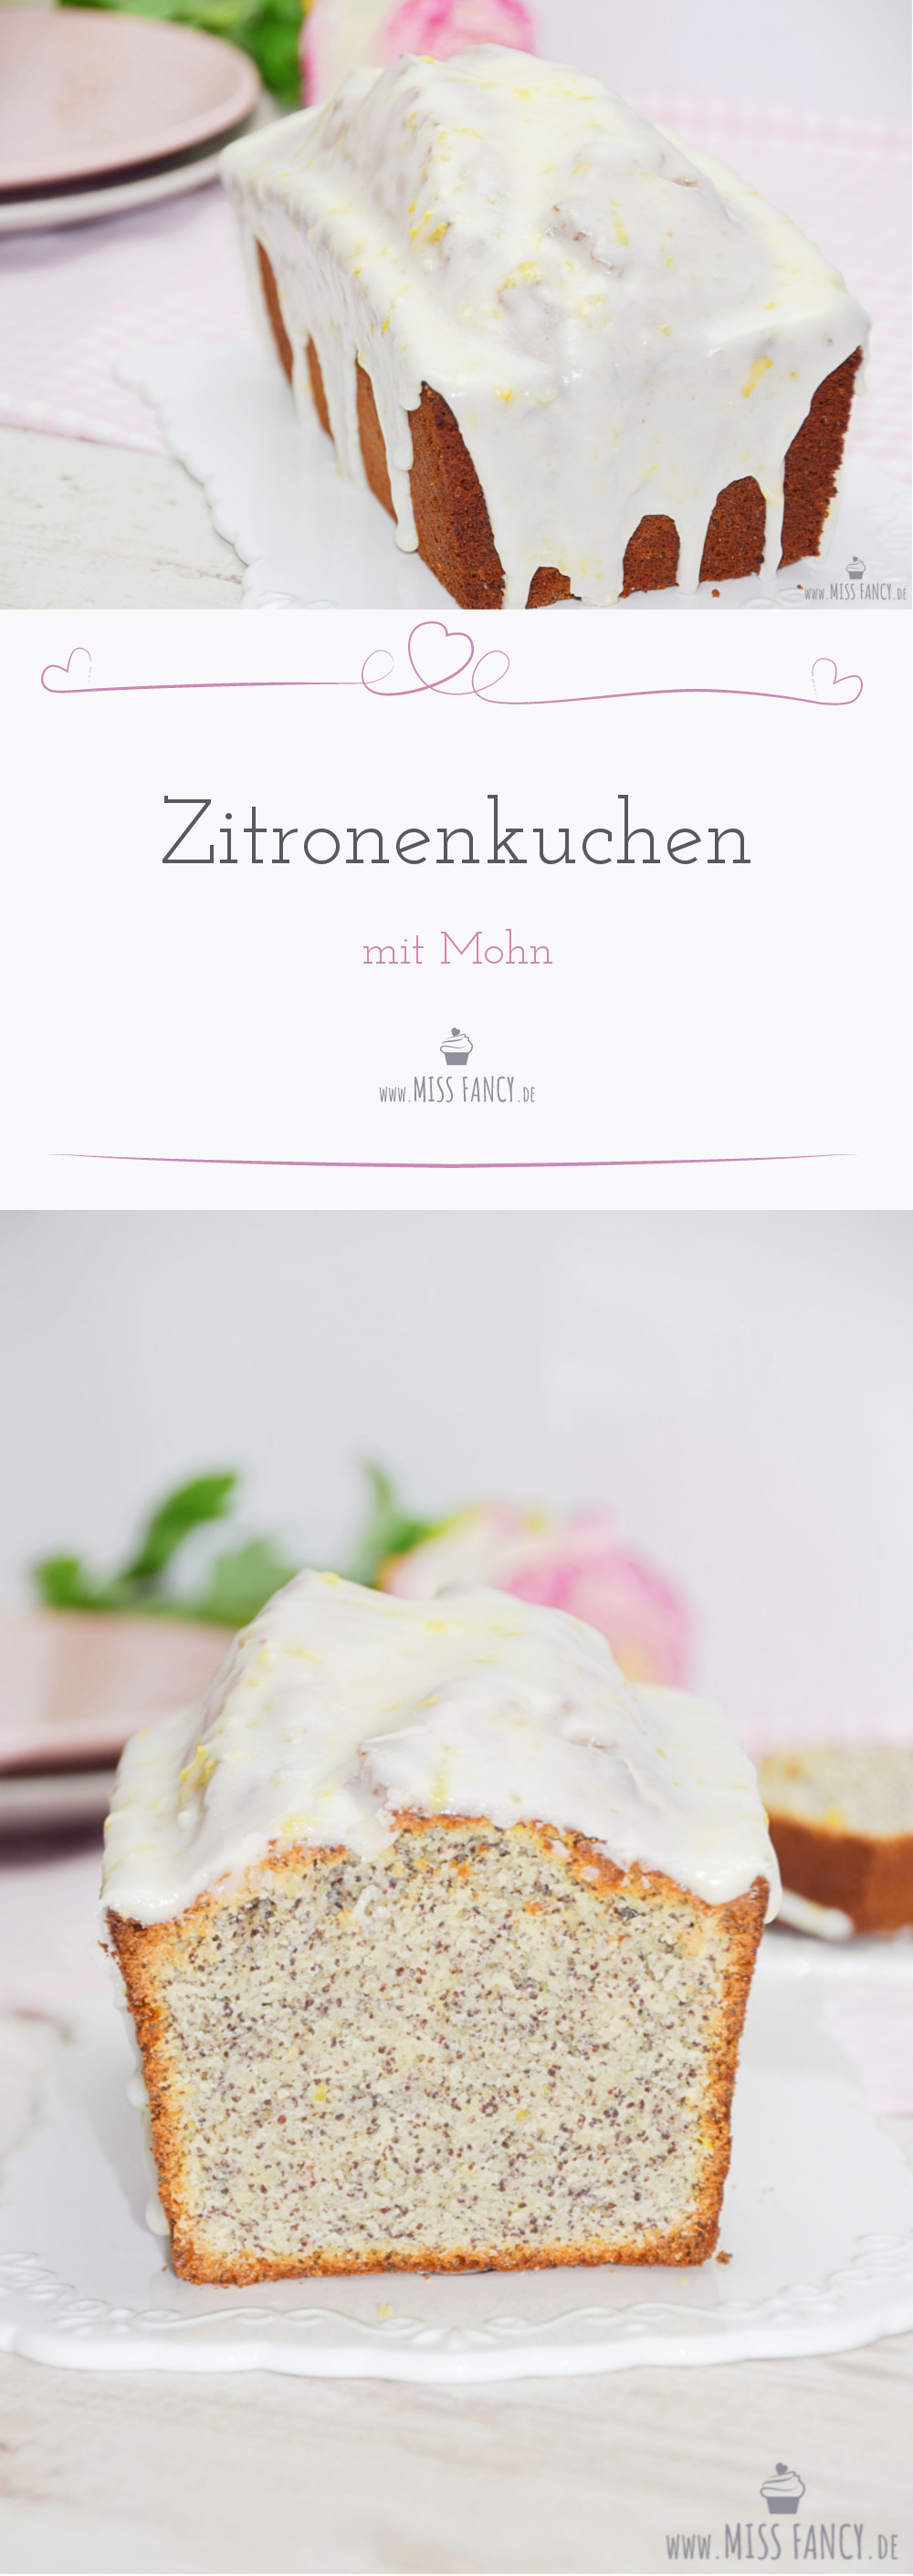 Leckerer Zitronenkuchen mit einer Puderzuckerglasur